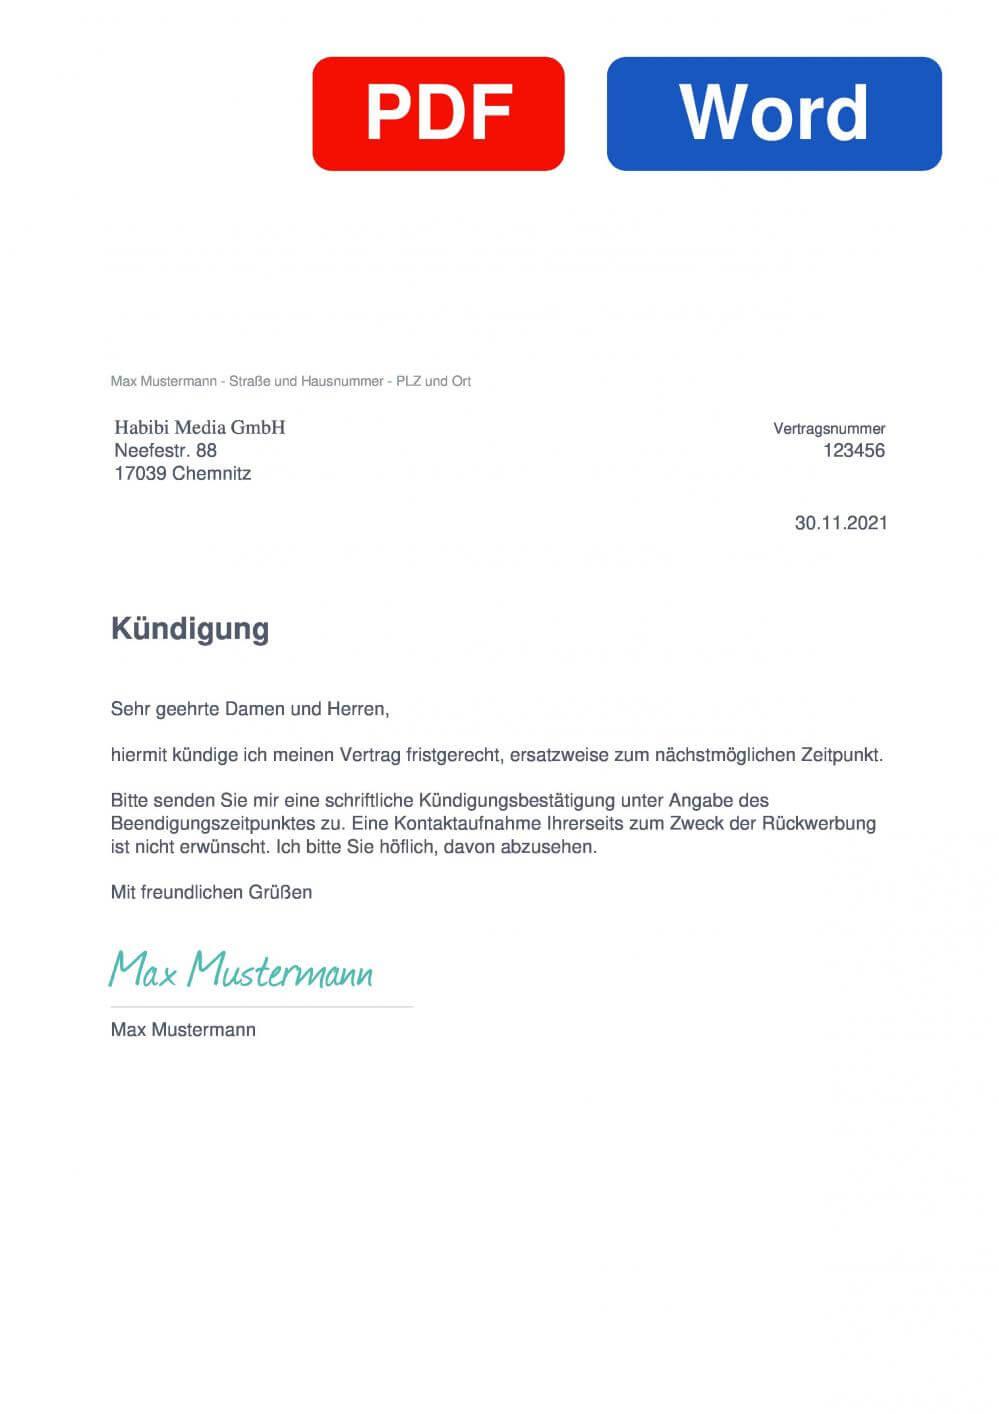 habibi.de Muster Vorlage für Kündigungsschreiben